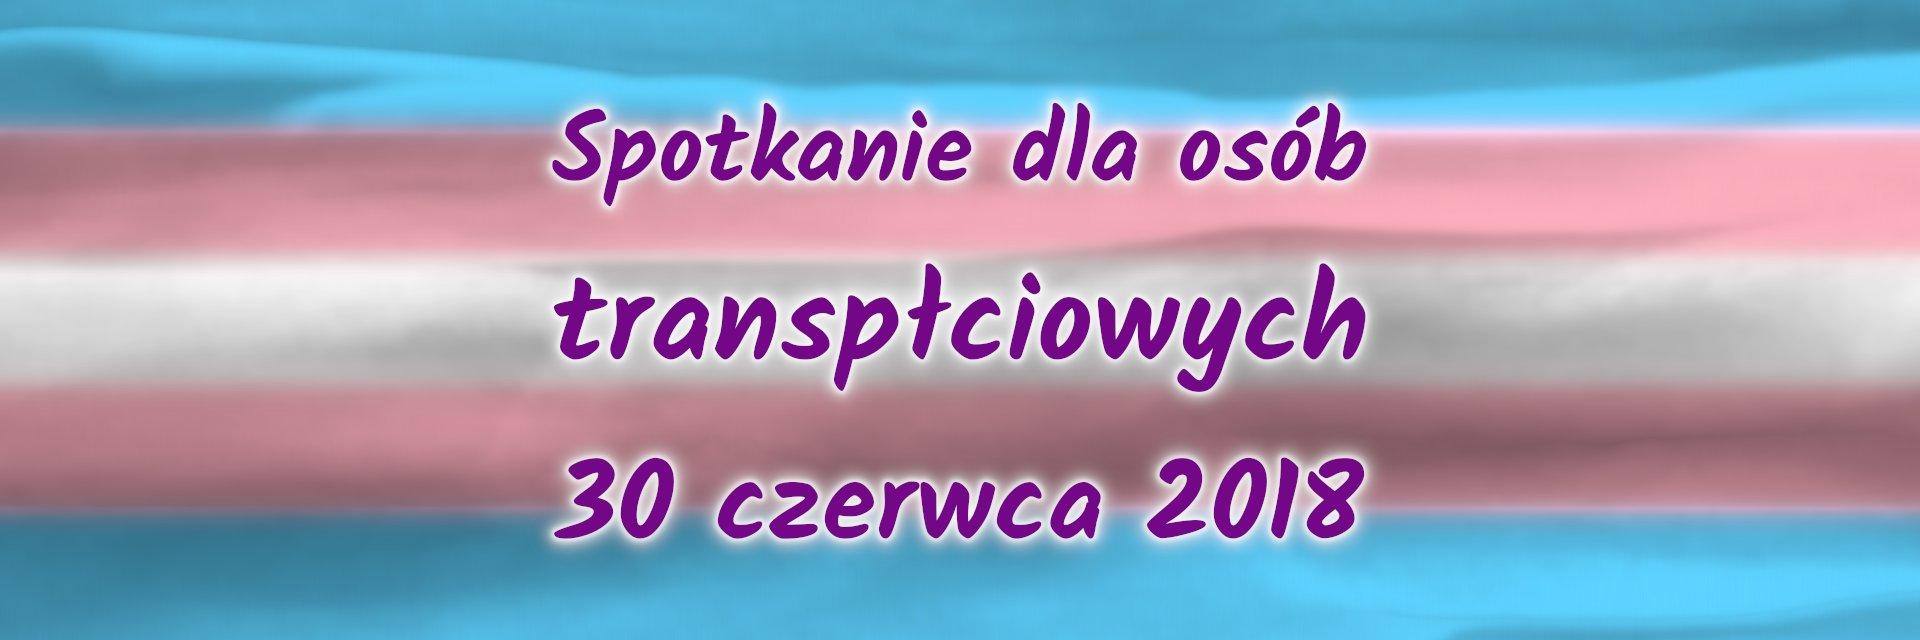 Spotkanie dla osób transpłciowych 30.06.2018